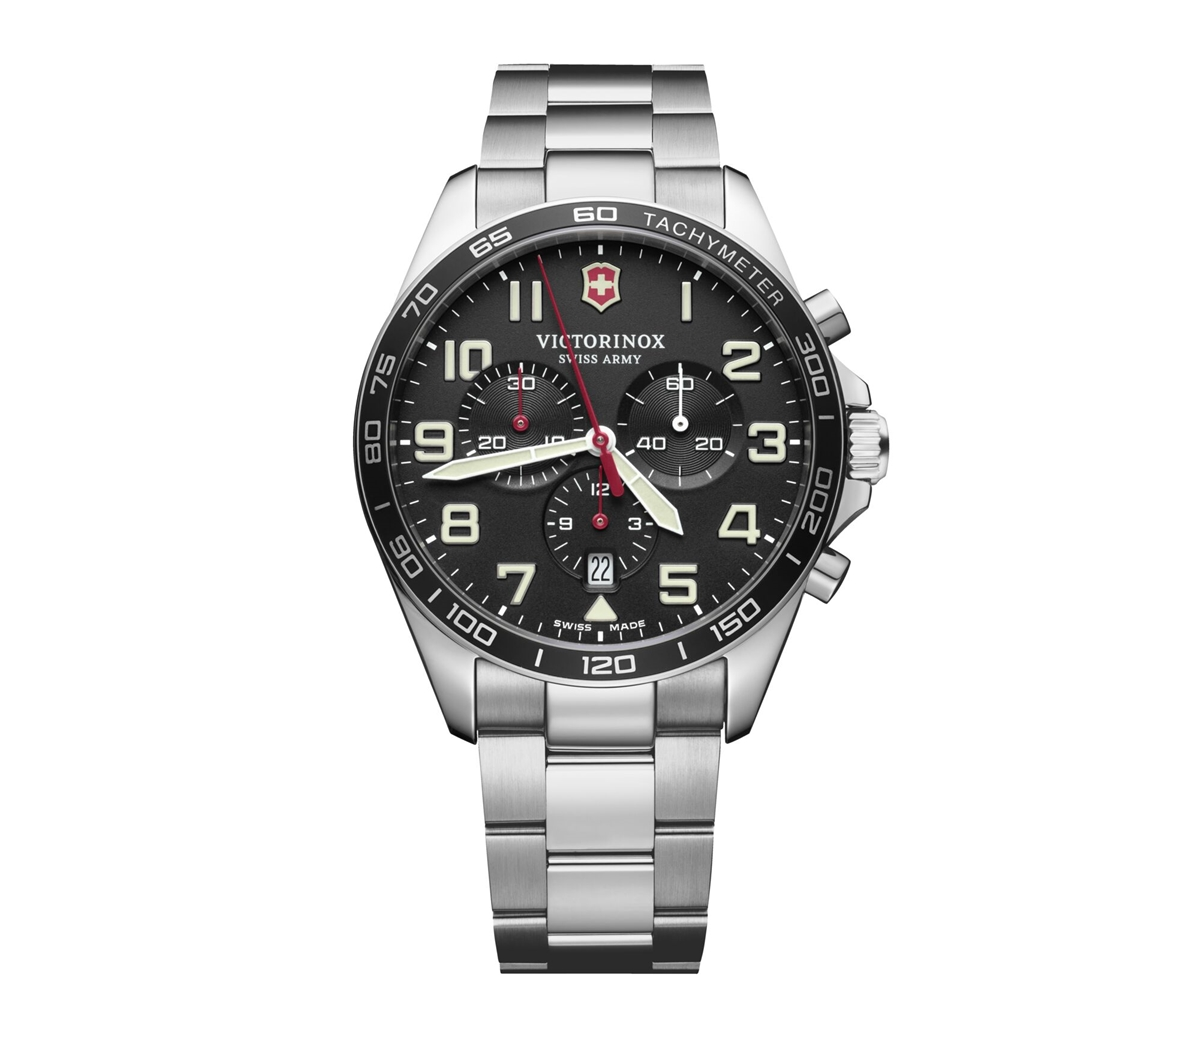 ビクトリノックス VICTORINOX 241855 フィールドフォース クロノ 正規品 腕時計